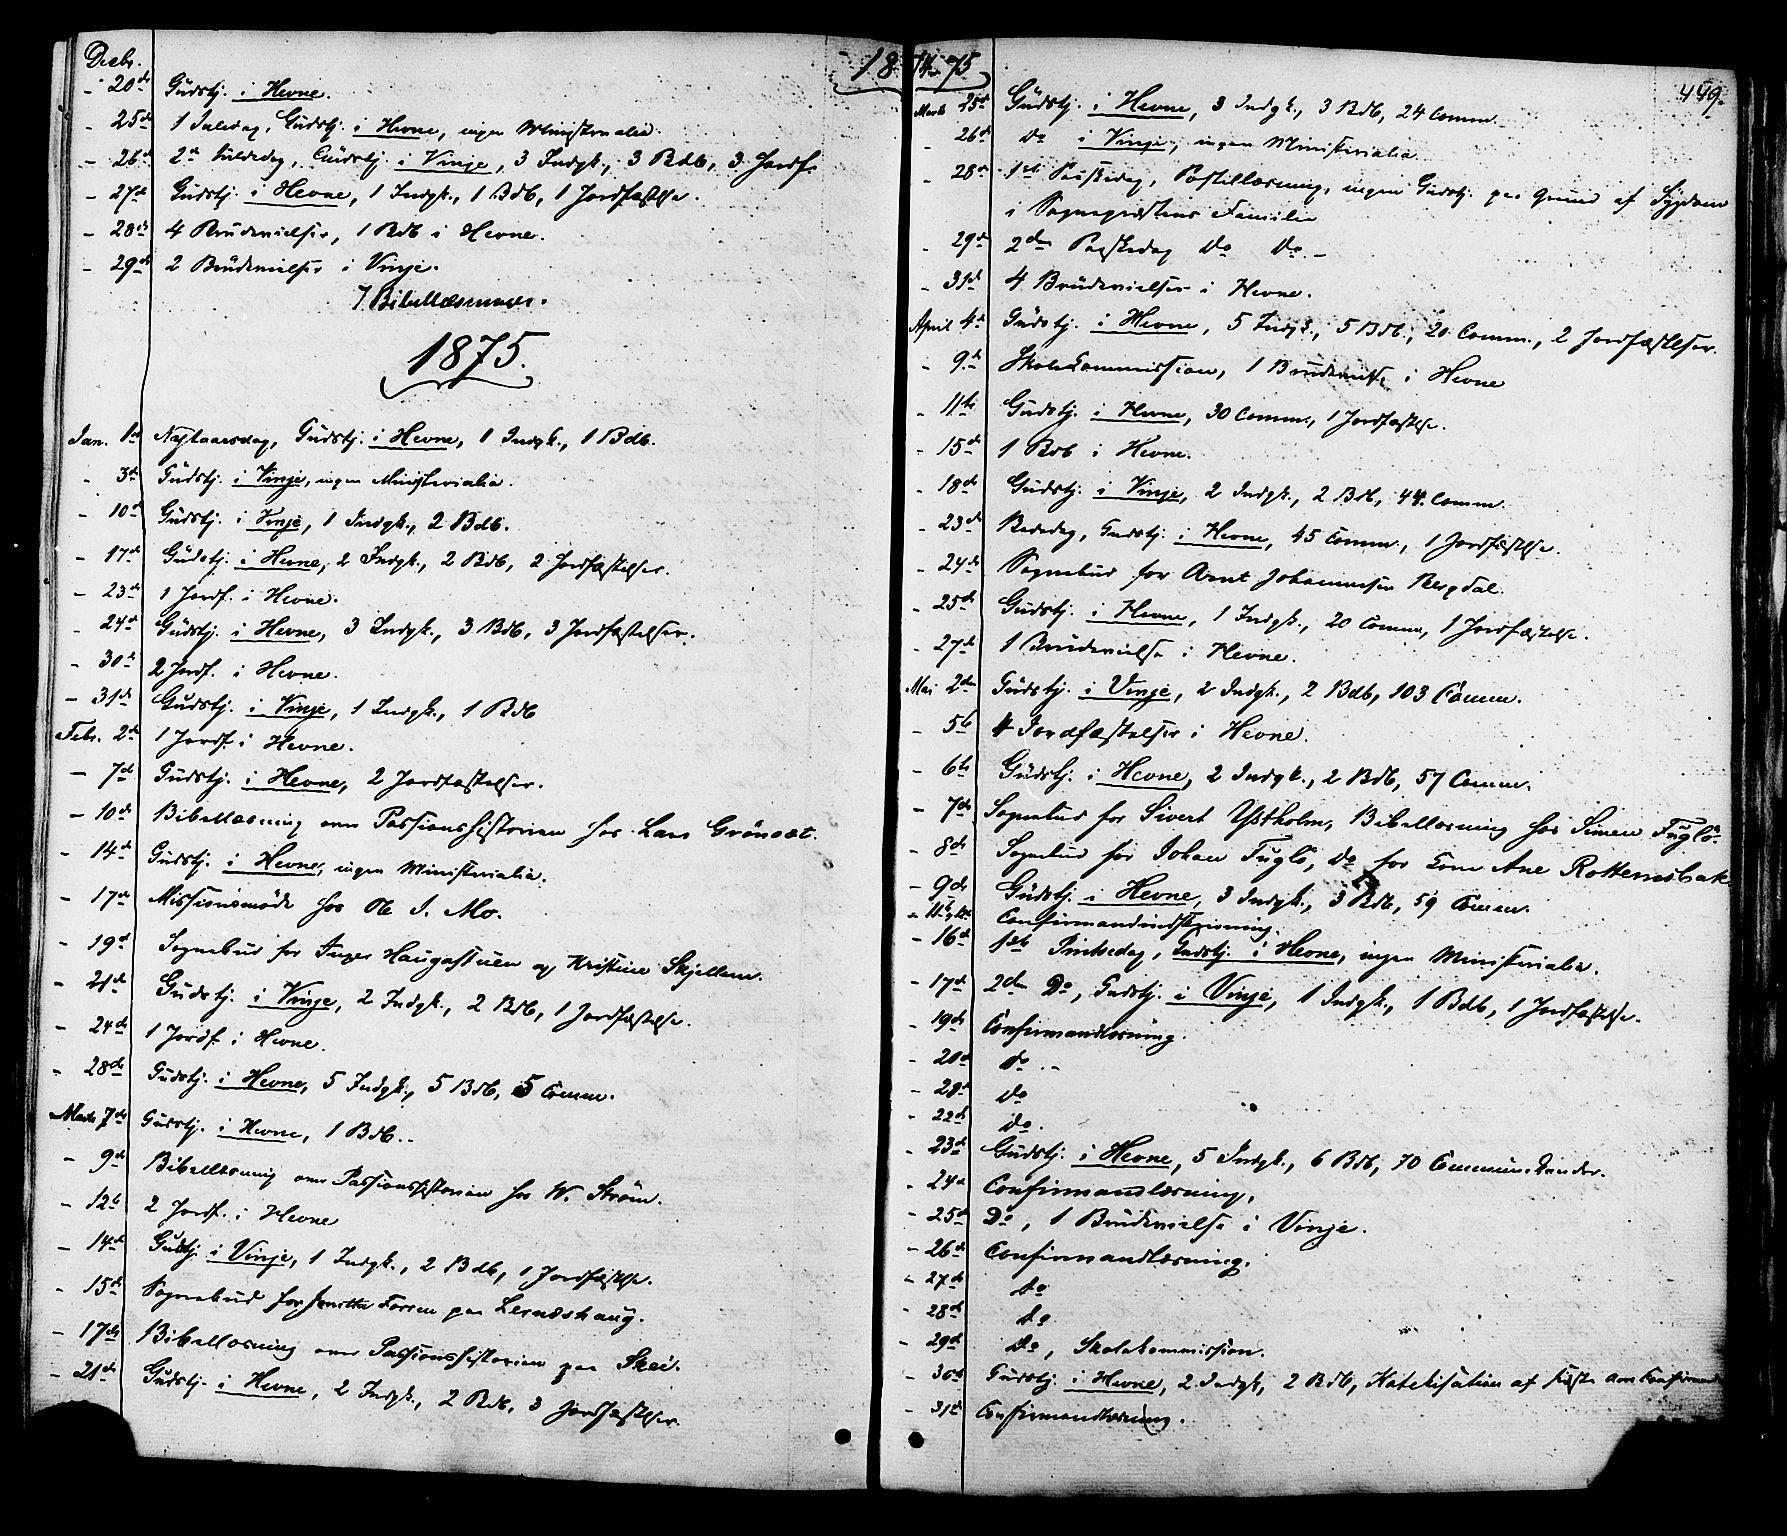 SAT, Ministerialprotokoller, klokkerbøker og fødselsregistre - Sør-Trøndelag, 630/L0495: Ministerialbok nr. 630A08, 1868-1878, s. 449